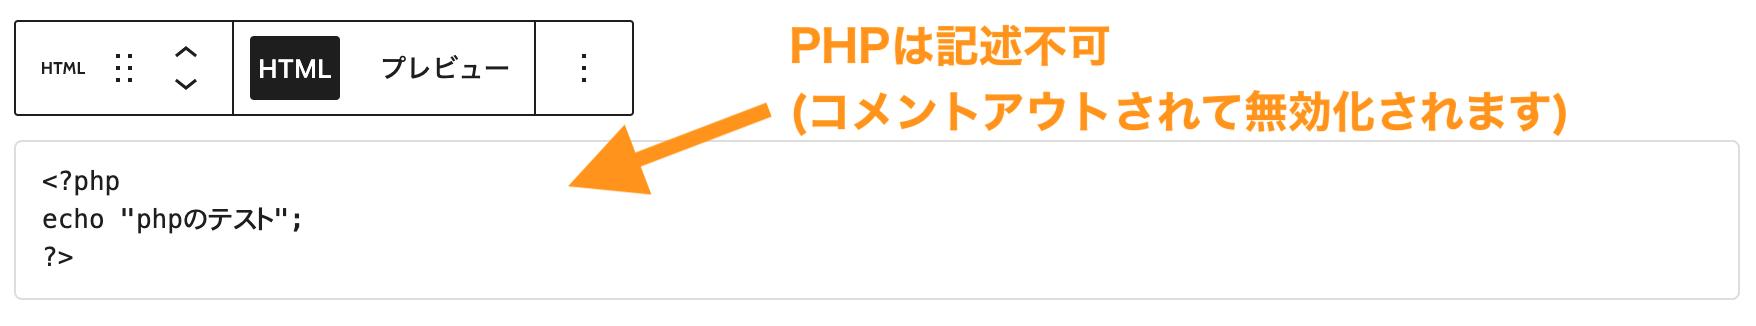 PHPは記述不可(コメントアウトされる)